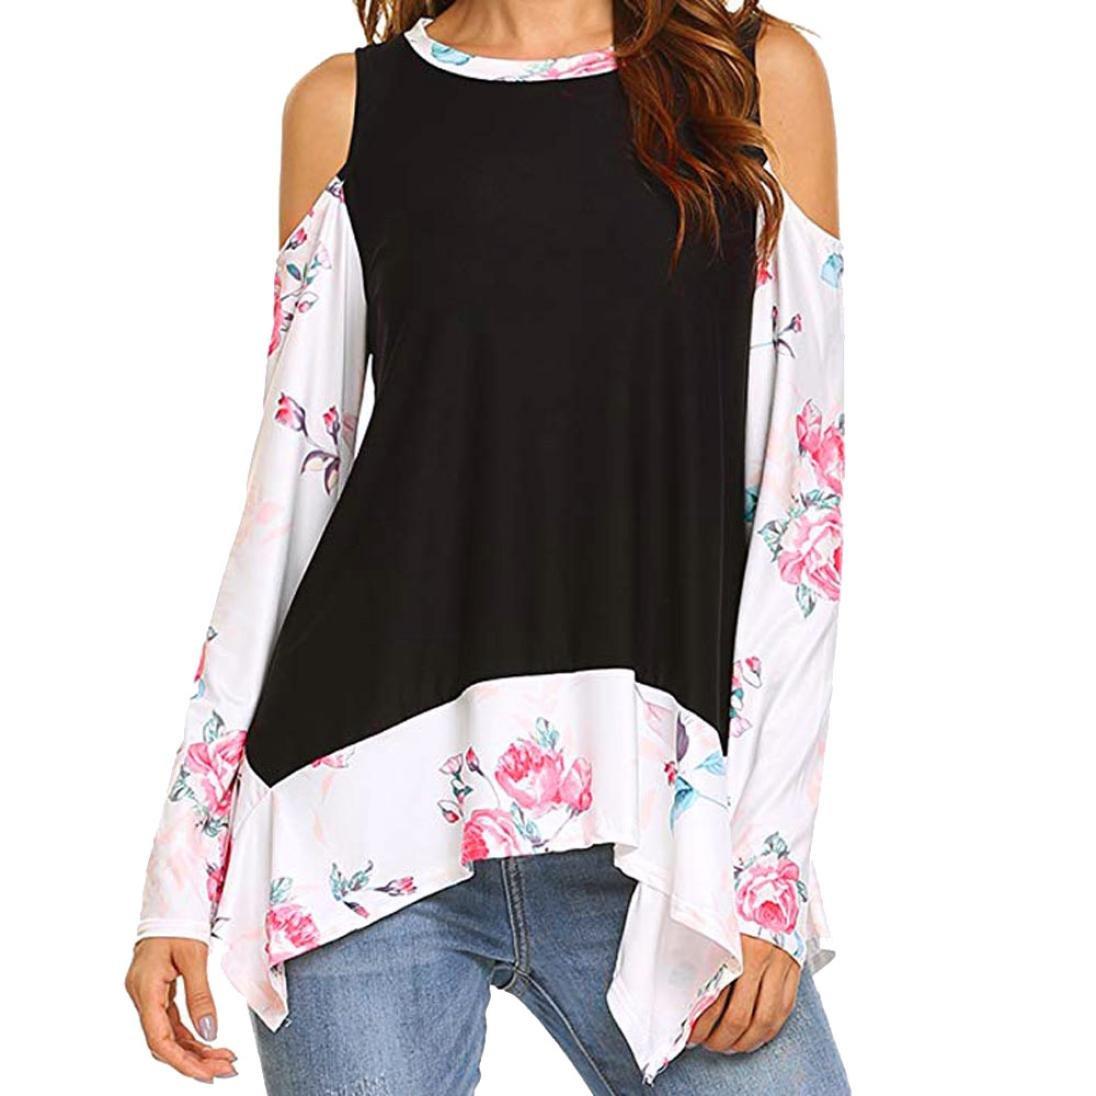 Manga Larga de Estampados Florales para Mujer Camiseta de túnicas de Hombro frío Blusa Tops ❤ Manadlian: Amazon.es: Ropa y accesorios